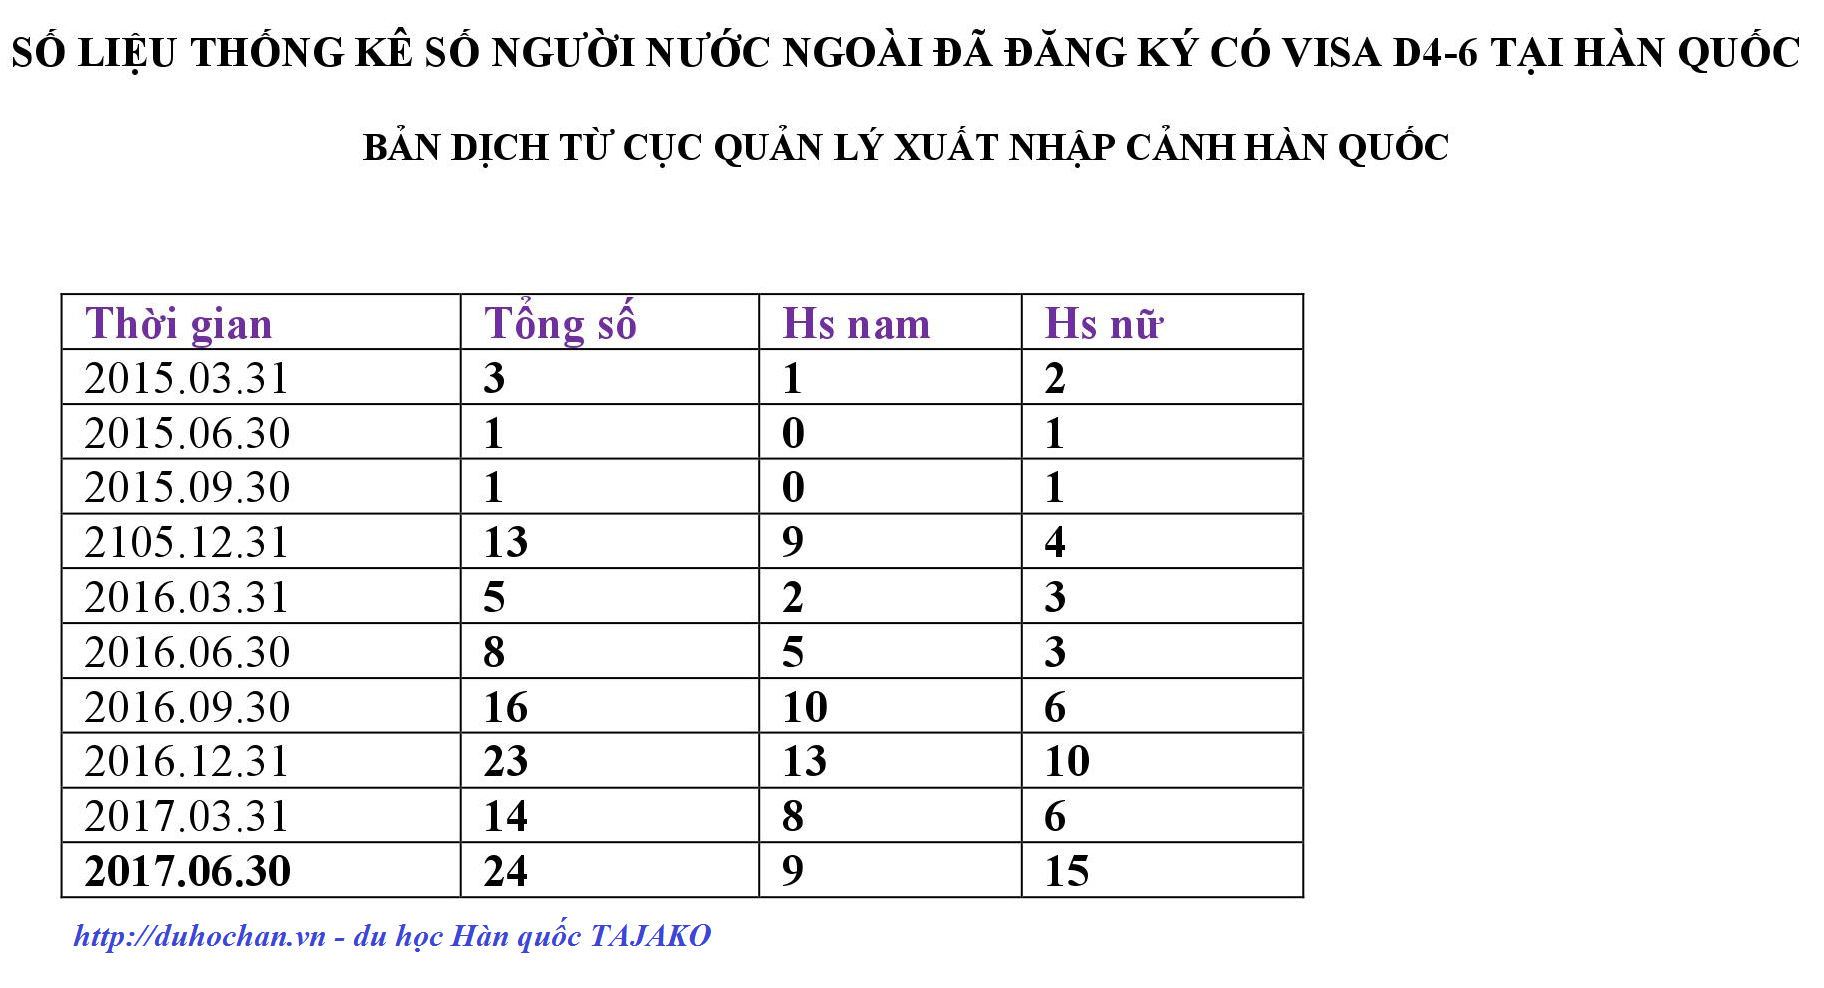 Số-liệu-thống-kê-Visa-D4-6-tại-Hàn-Quốc